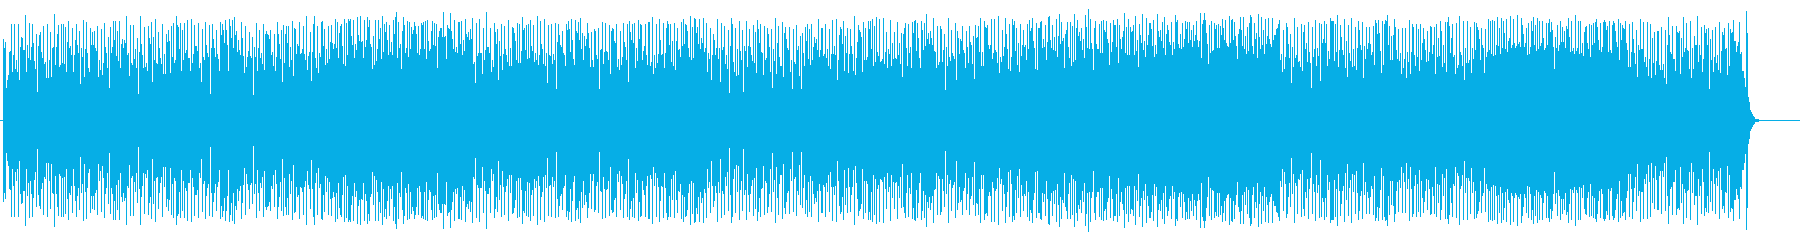 楽しいR&R/ポップ(フルサイズ)の再生済みの波形